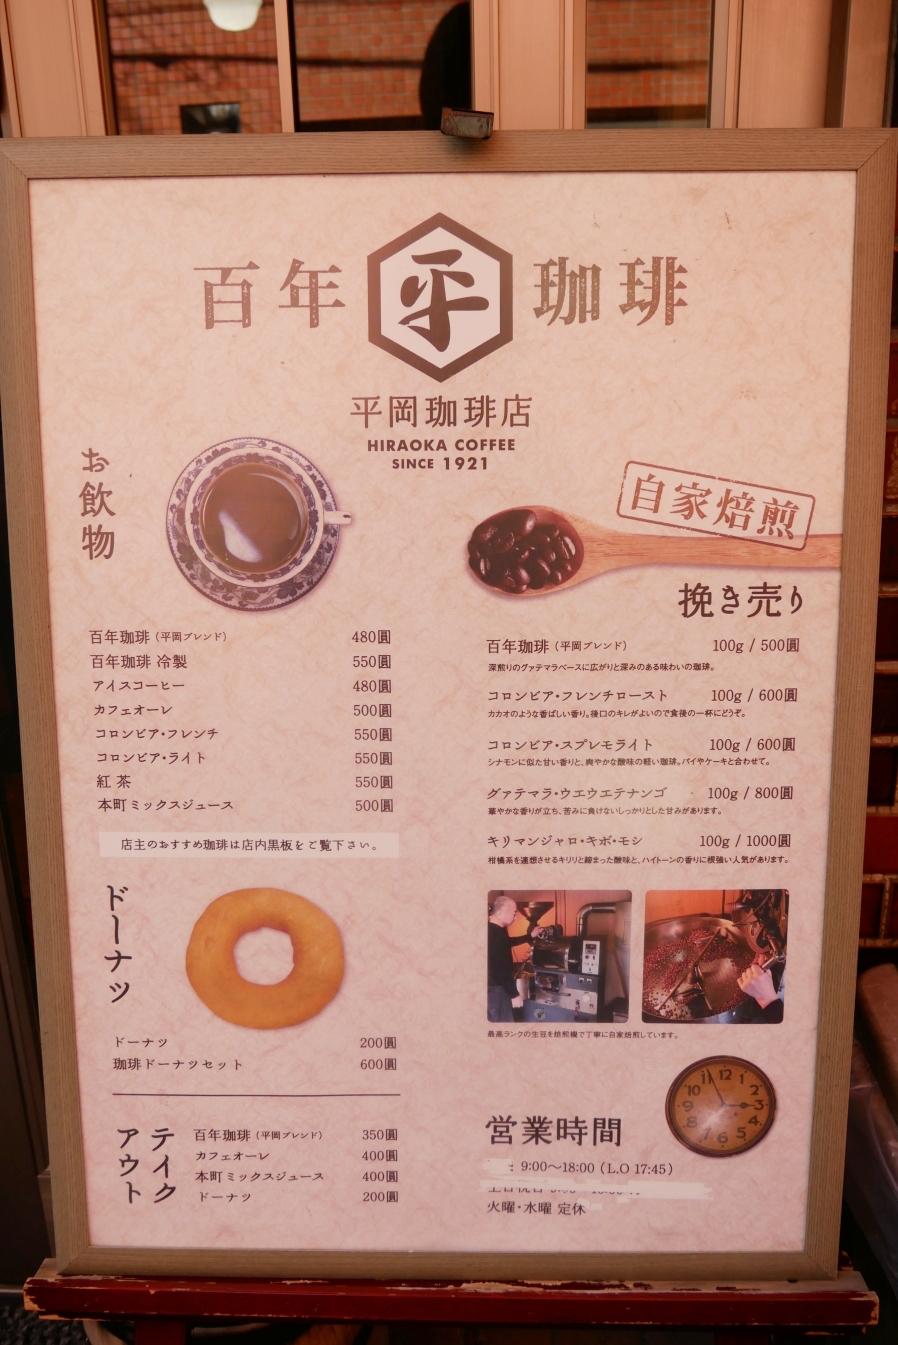 [大阪美食]關西地區最老咖啡館|平岡珈啡店~創立於大正十年.近百年歷史的懷舊咖啡館 @VIVIYU小世界